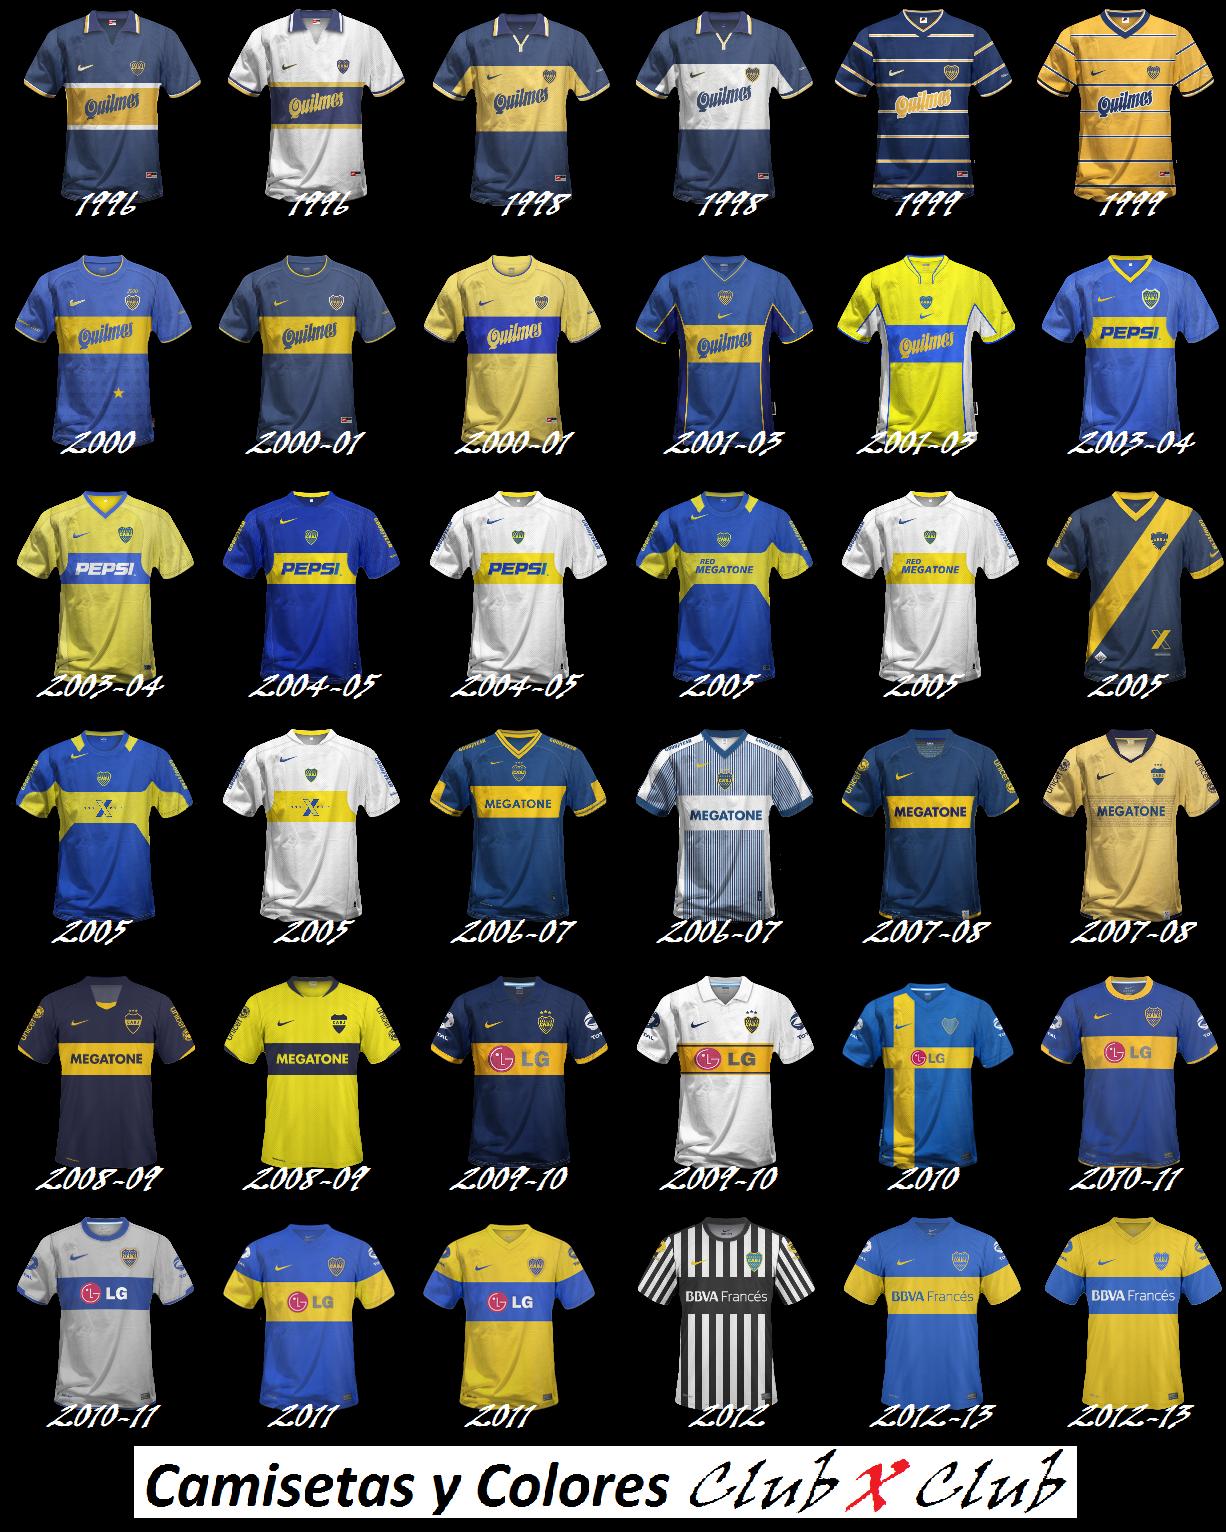 ce8ba584eb Camisetas y Colores Club x Club: noviembre 2013